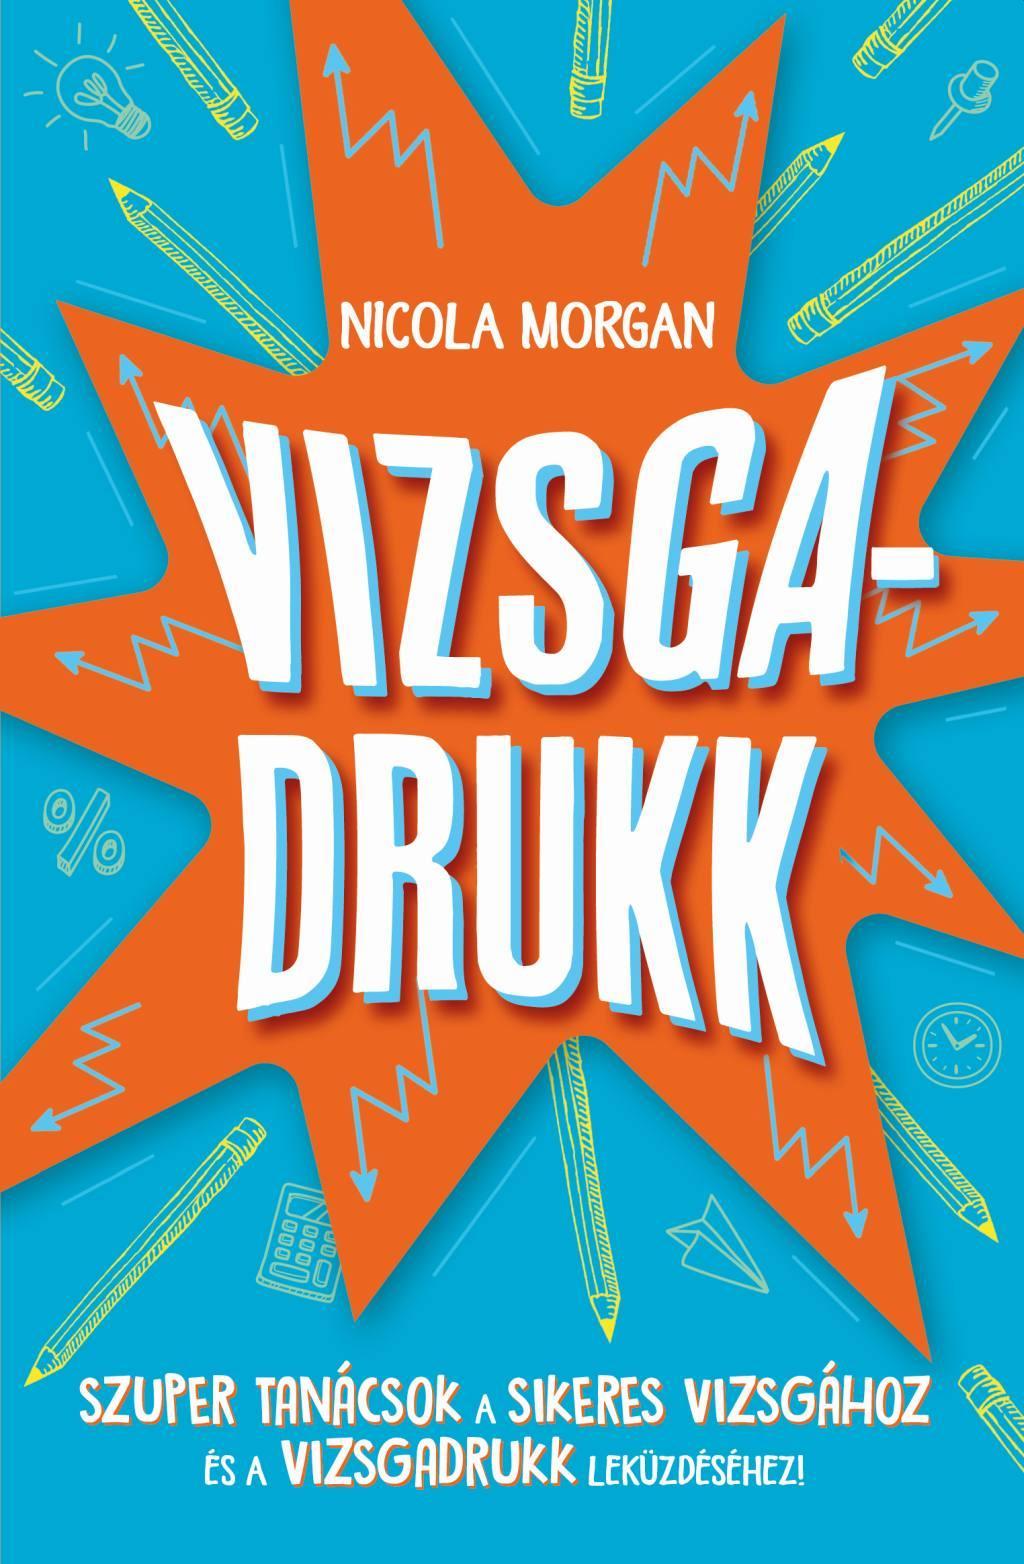 Nicola Morgan - Vizsgadrukk